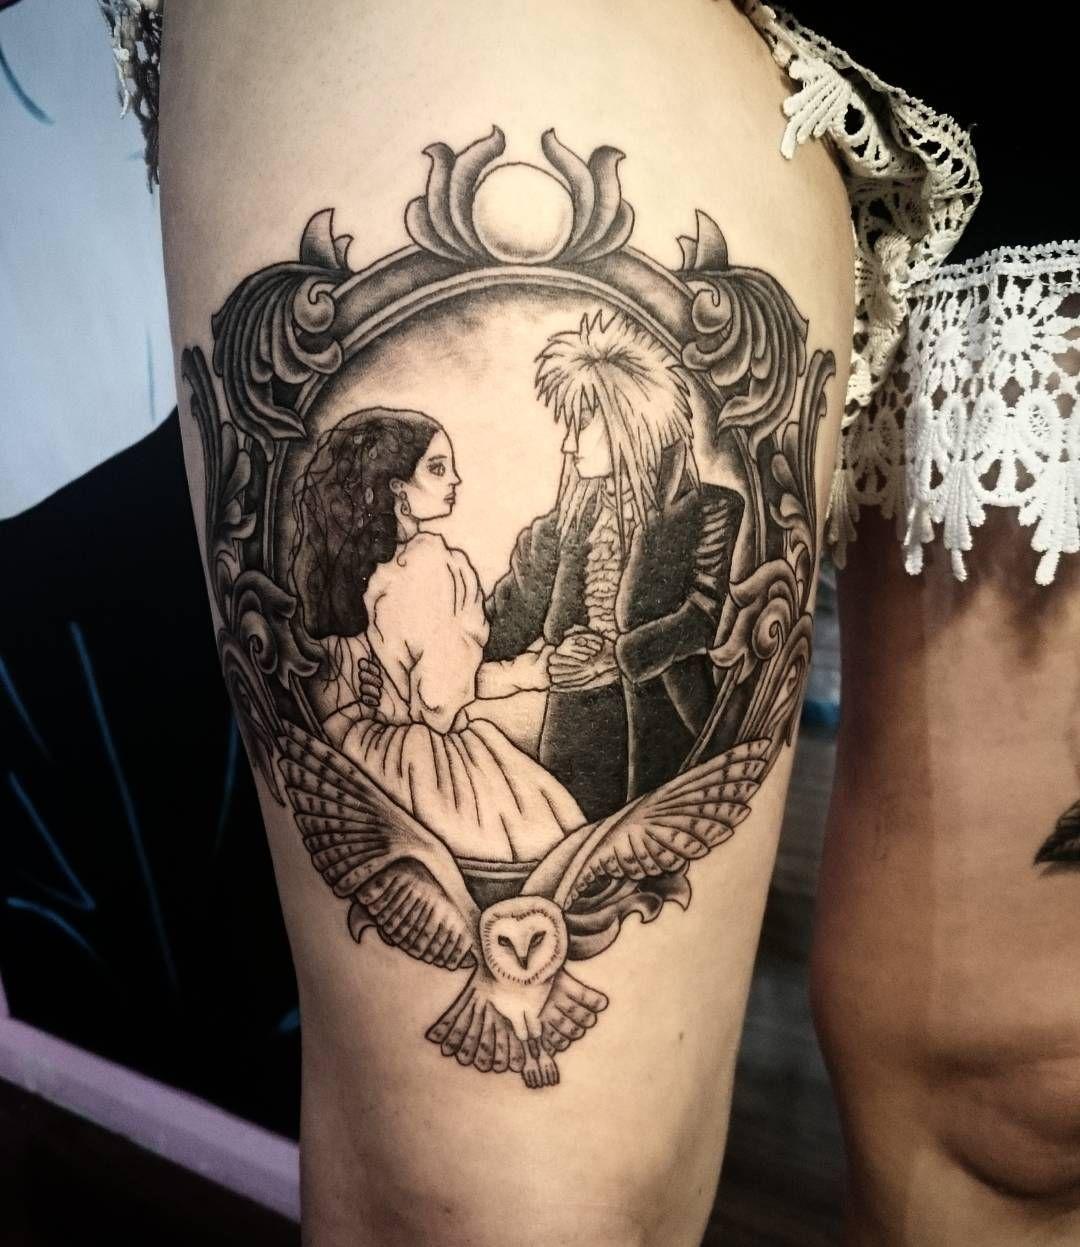 Labyrinth Tattoos: Sleeve Tattoos, Labyrinth Tattoo, David Bowie